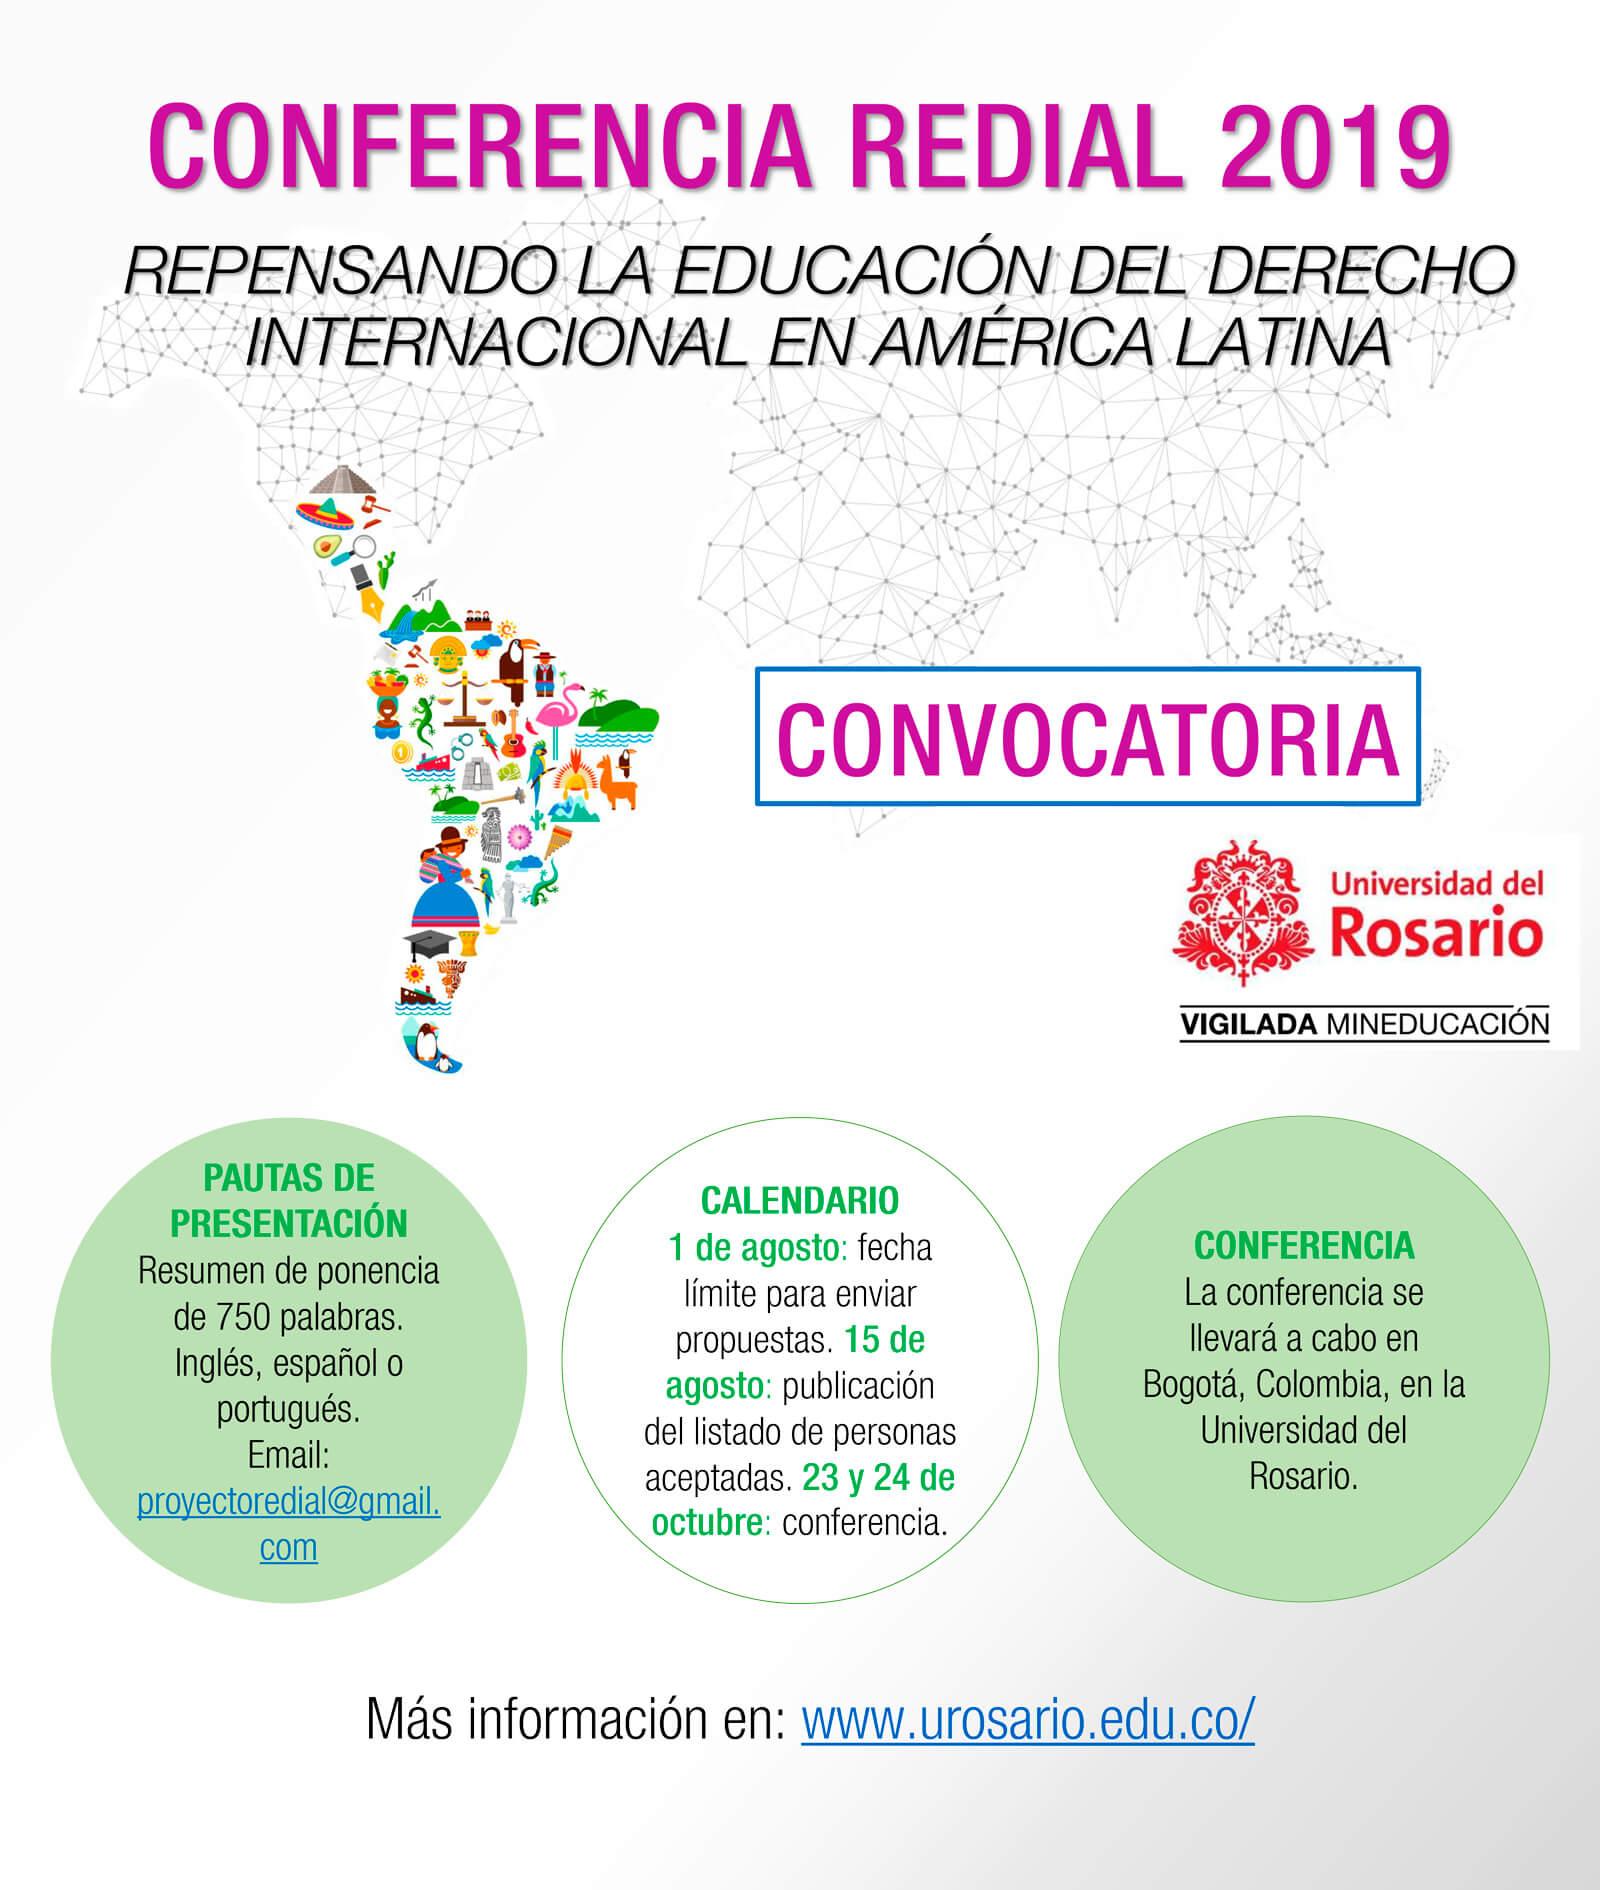 Conferencia REDIAL 2019: Repensando la Educación del Derecho Internacional en América Latina